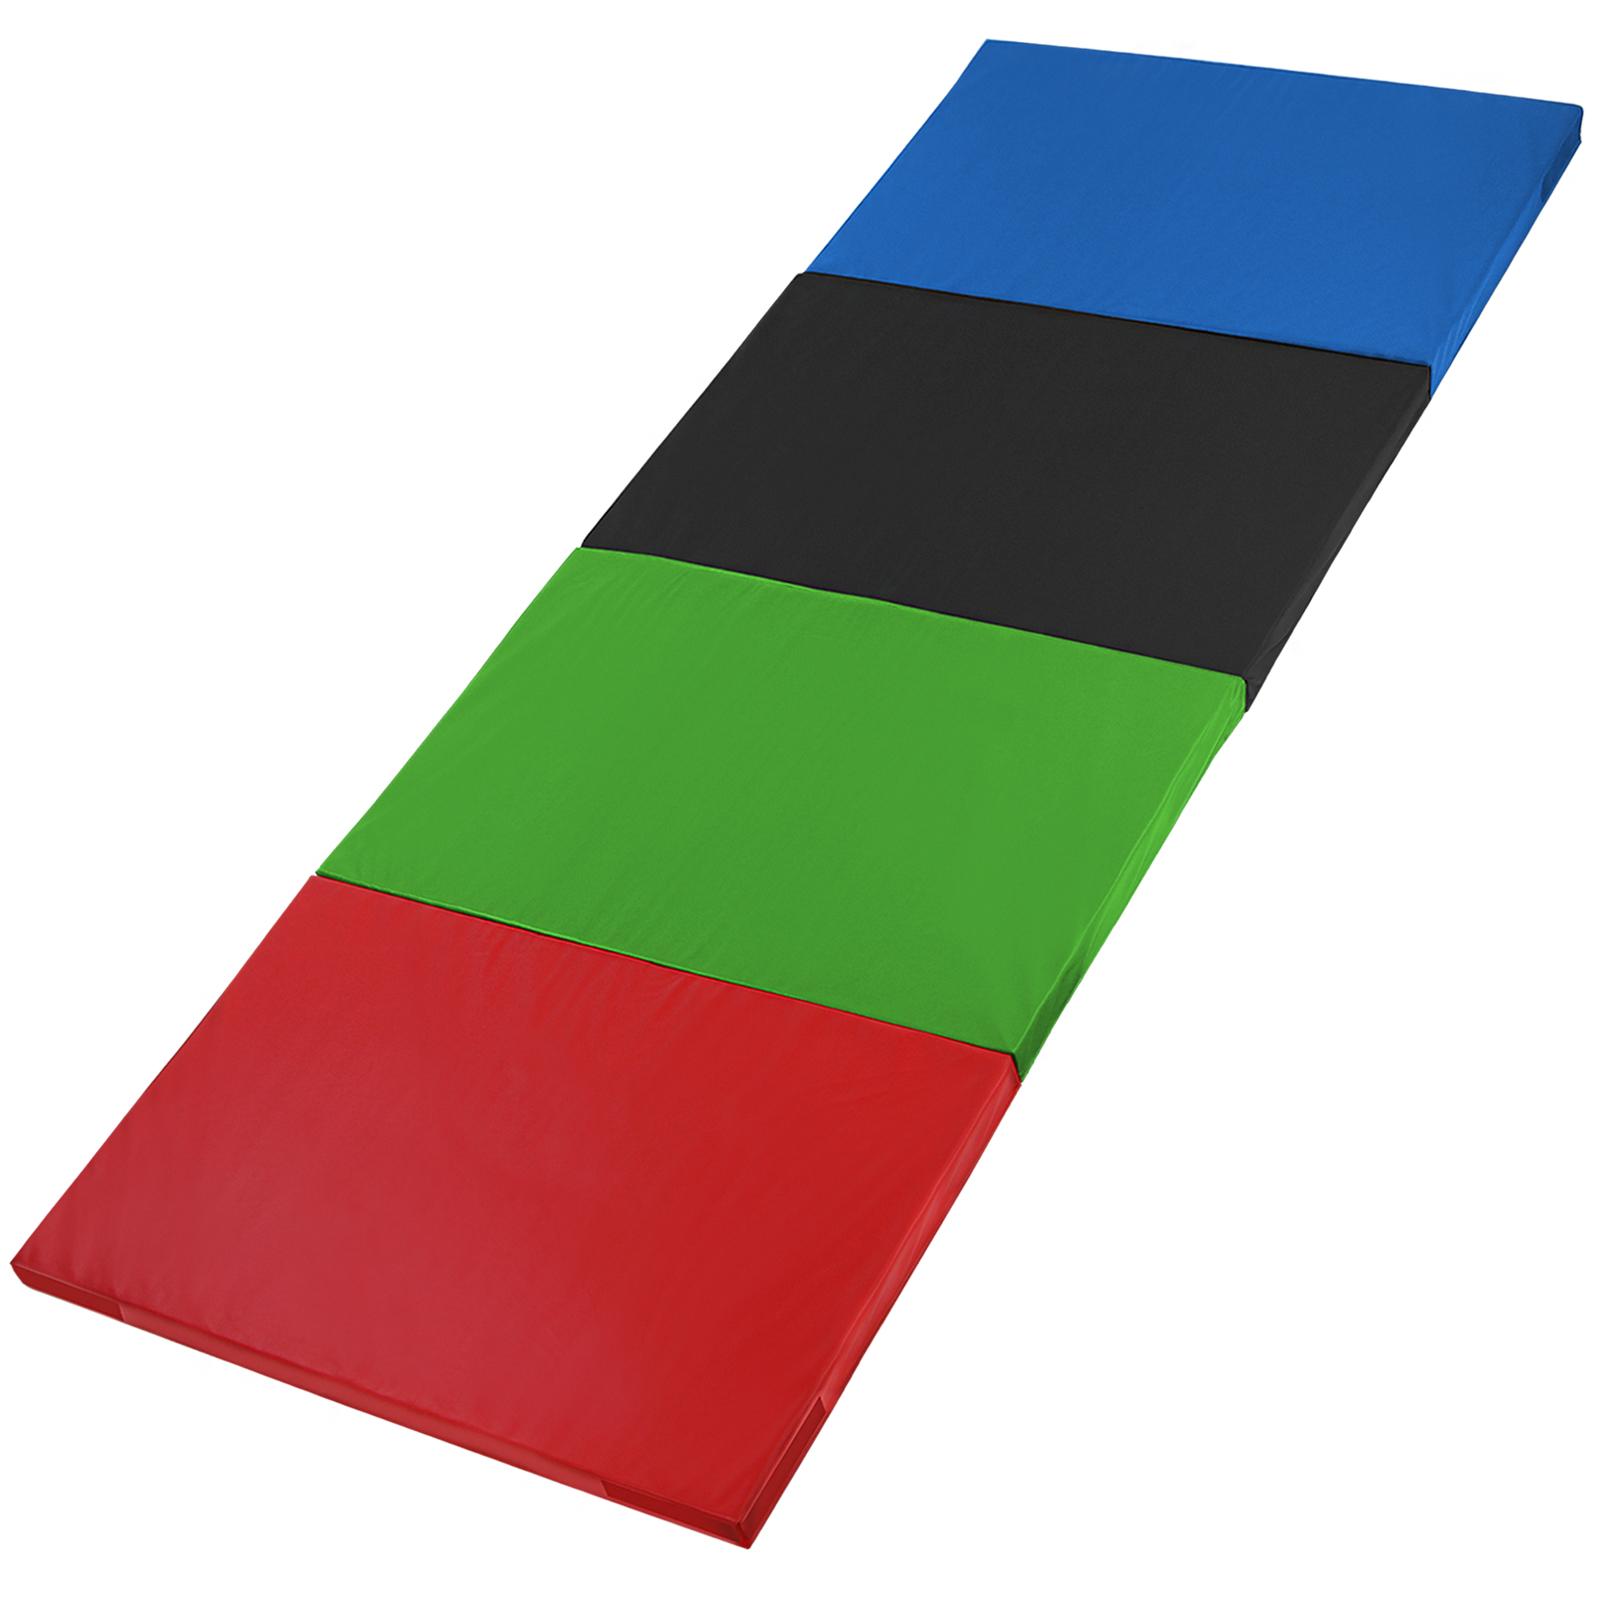 klappbare leichtschaum turnmatte 300 x 120 x 5 cm rg 18 mit klettecken in verschiedenen farben. Black Bedroom Furniture Sets. Home Design Ideas